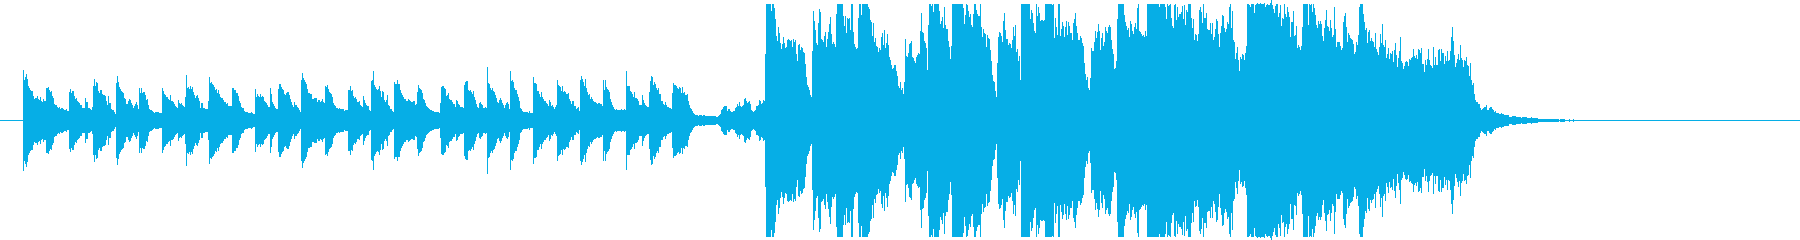 ピアノとオーケストラの二部構成のBGMの再生済みの波形